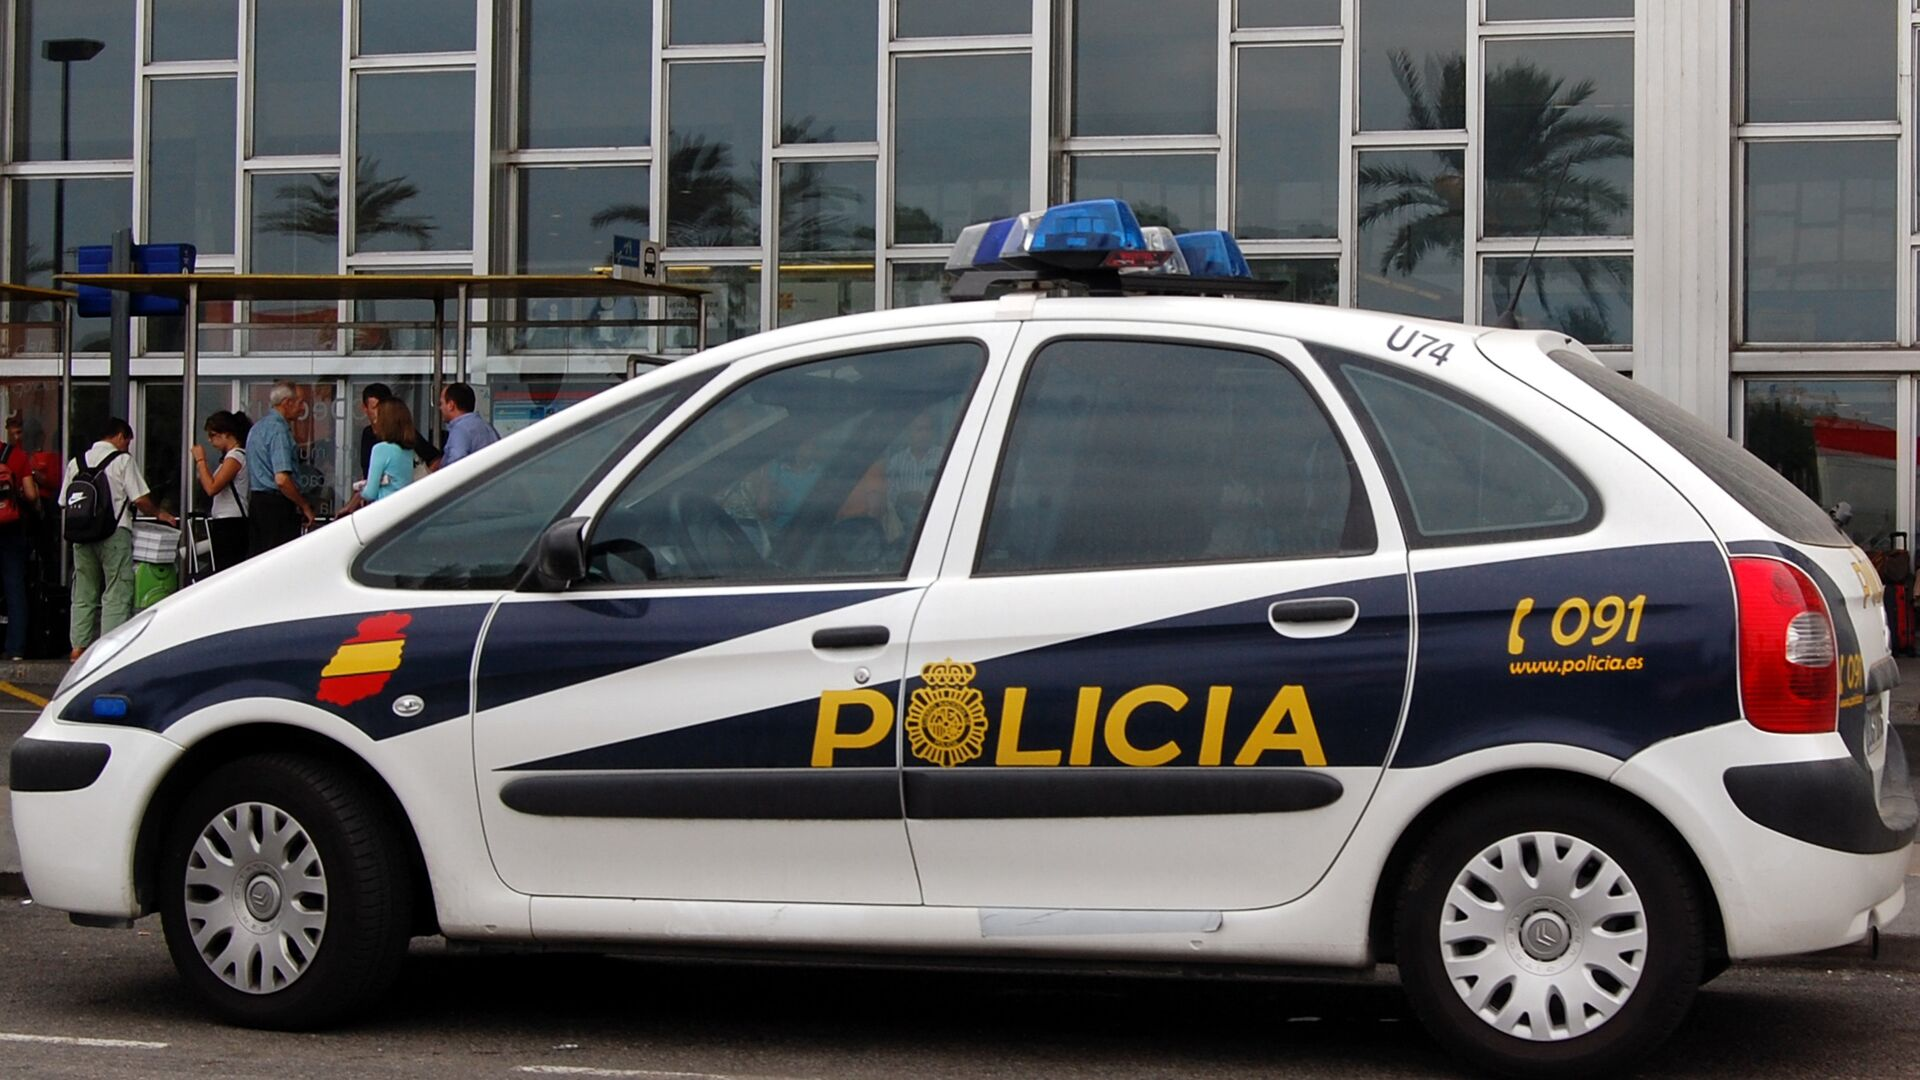 Автомобиль испанской полиции - РИА Новости, 1920, 01.10.2020